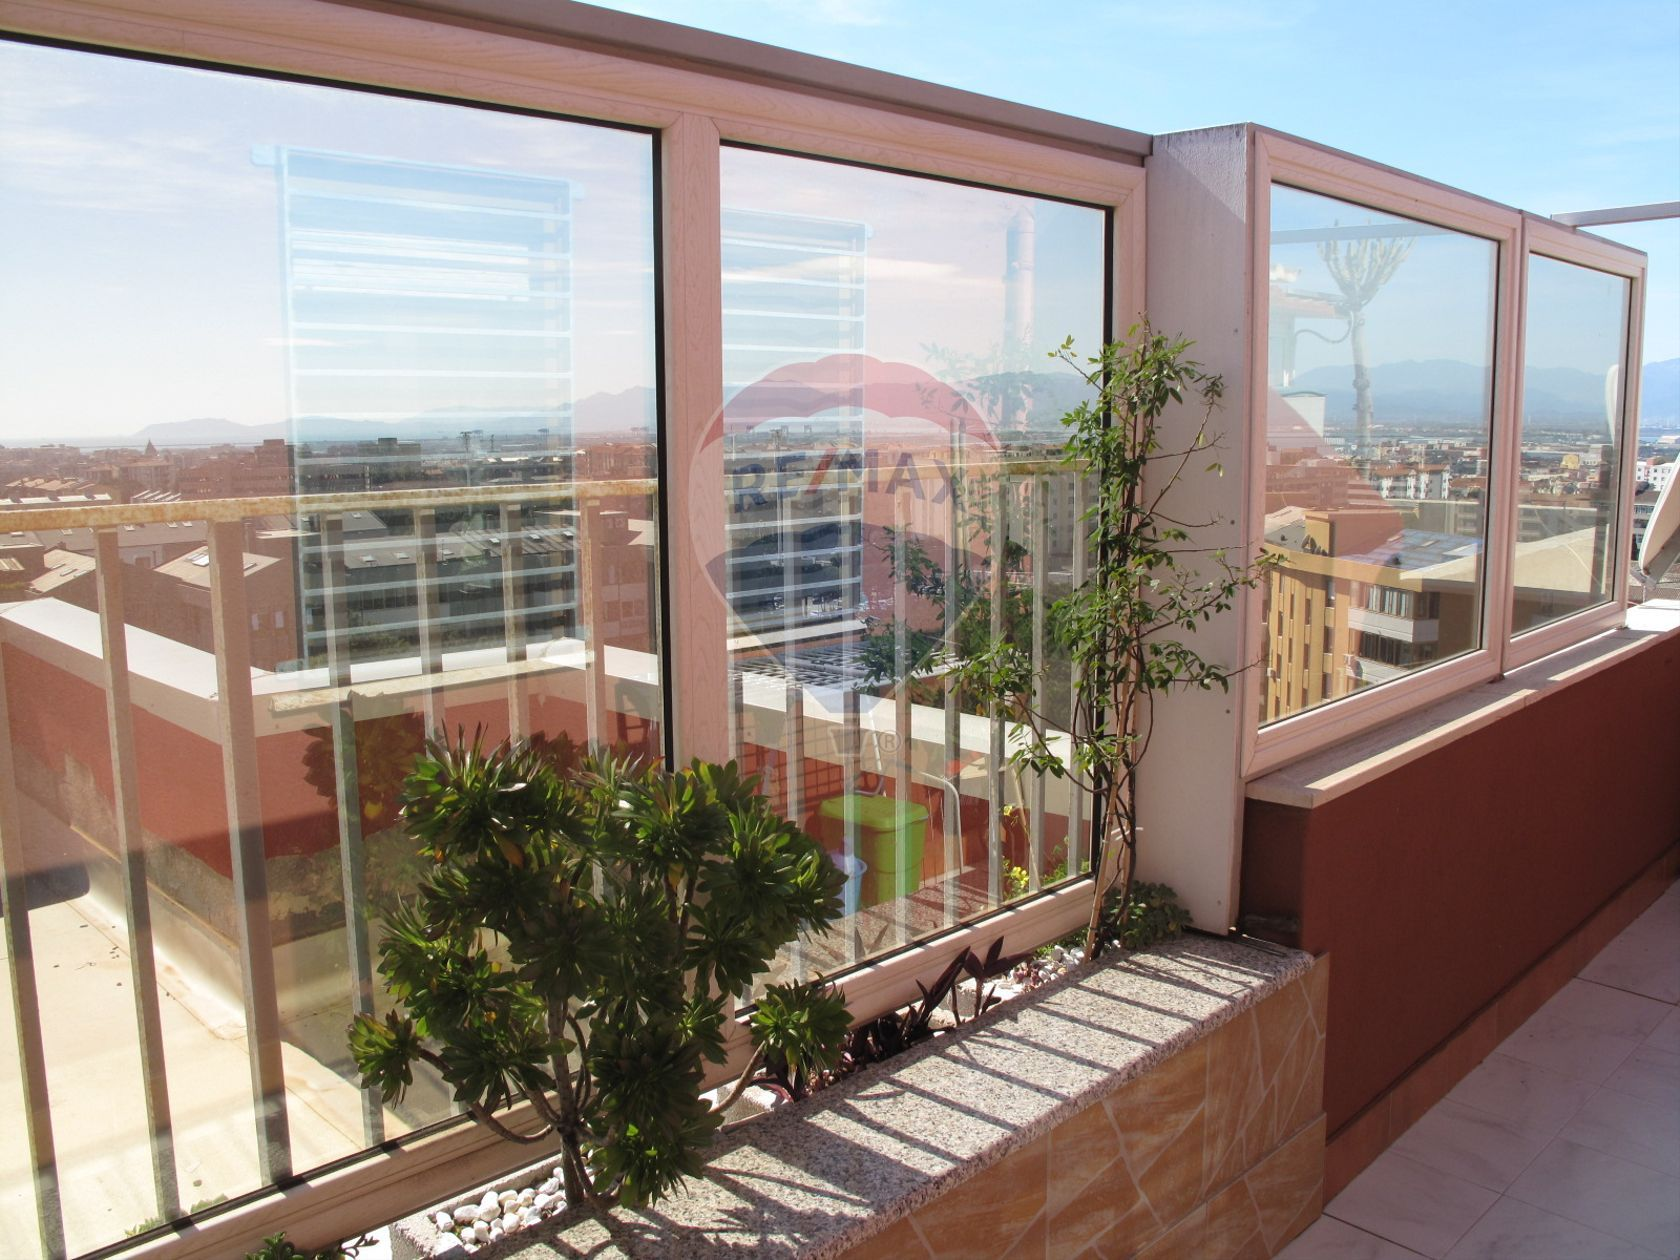 Appartamento Cagliari-su Planu-mulinu Becciu, Cagliari, CA Vendita